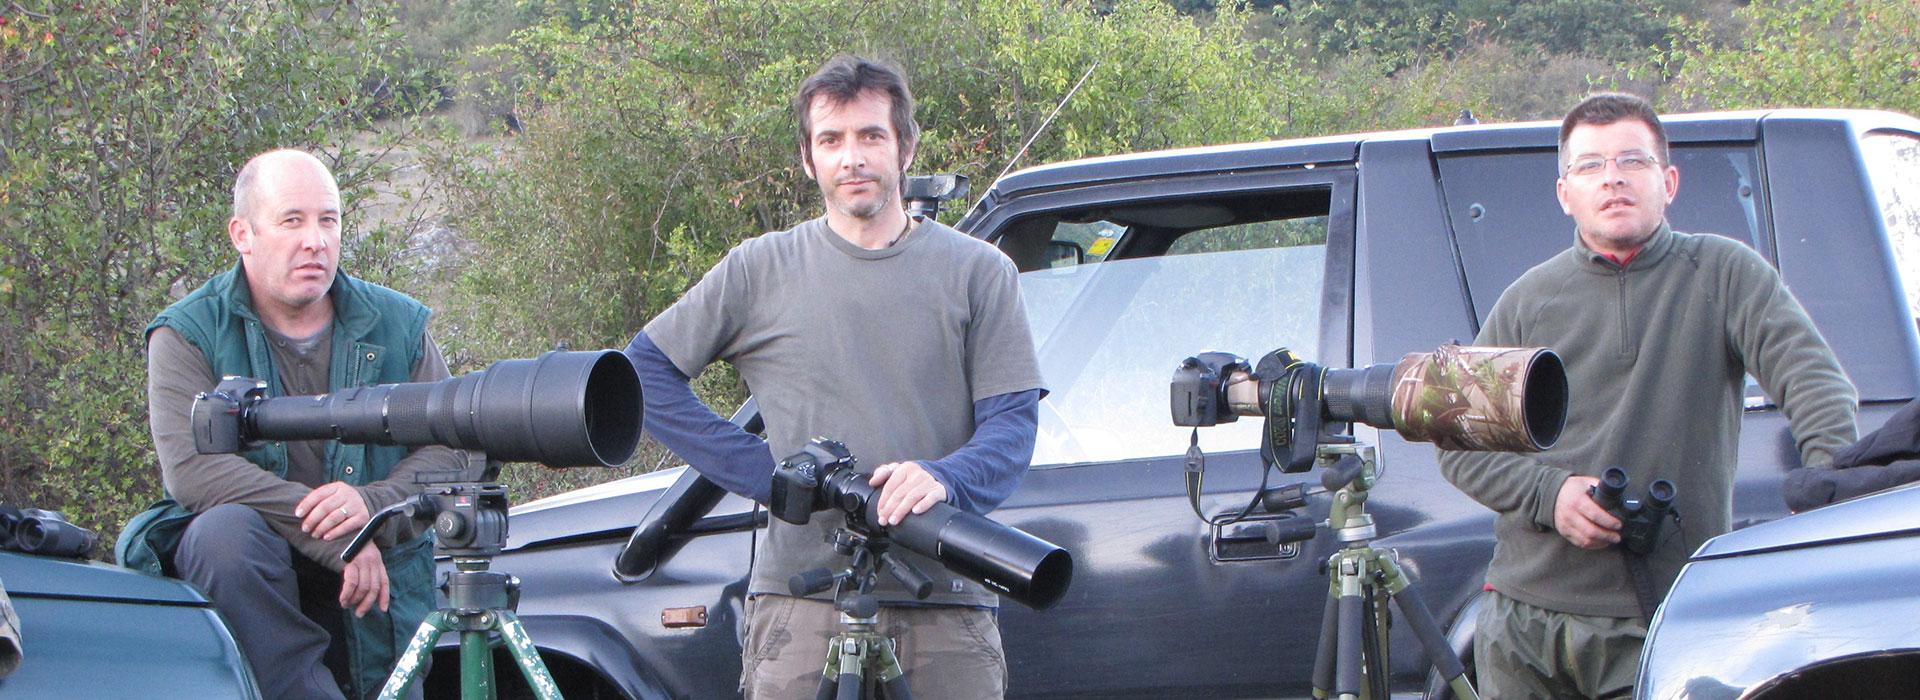 Ricardo Ruiz Díez · Alejandro Ruiz Díez · José María Ruiz Díez